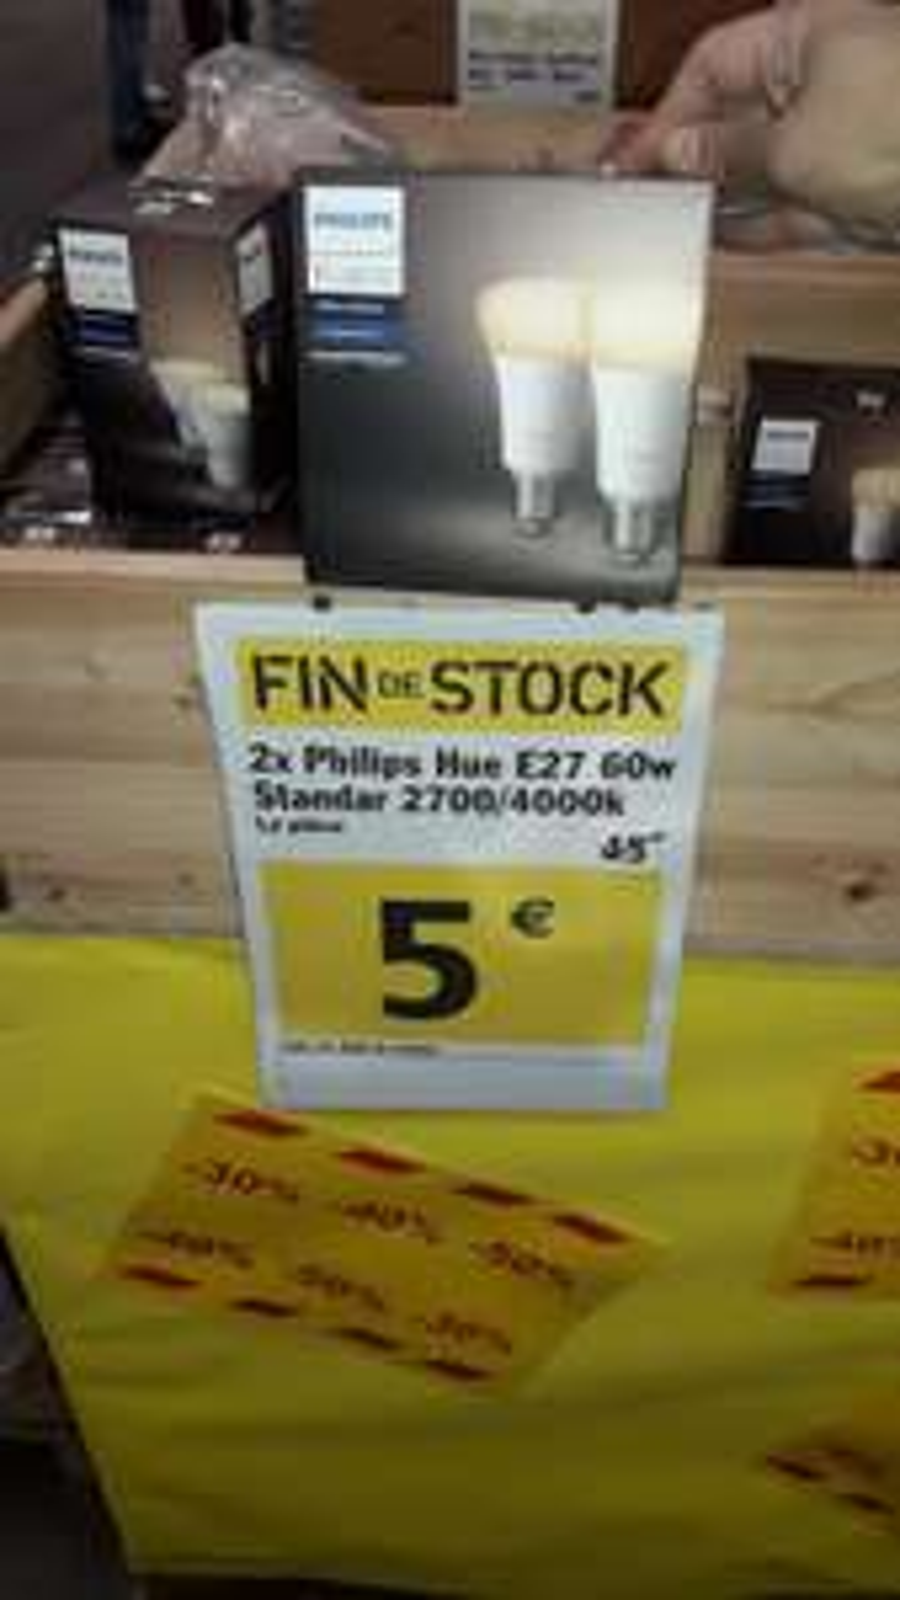 Lot de 2 Ampoules Philips Hue - Colombier béziers (34)